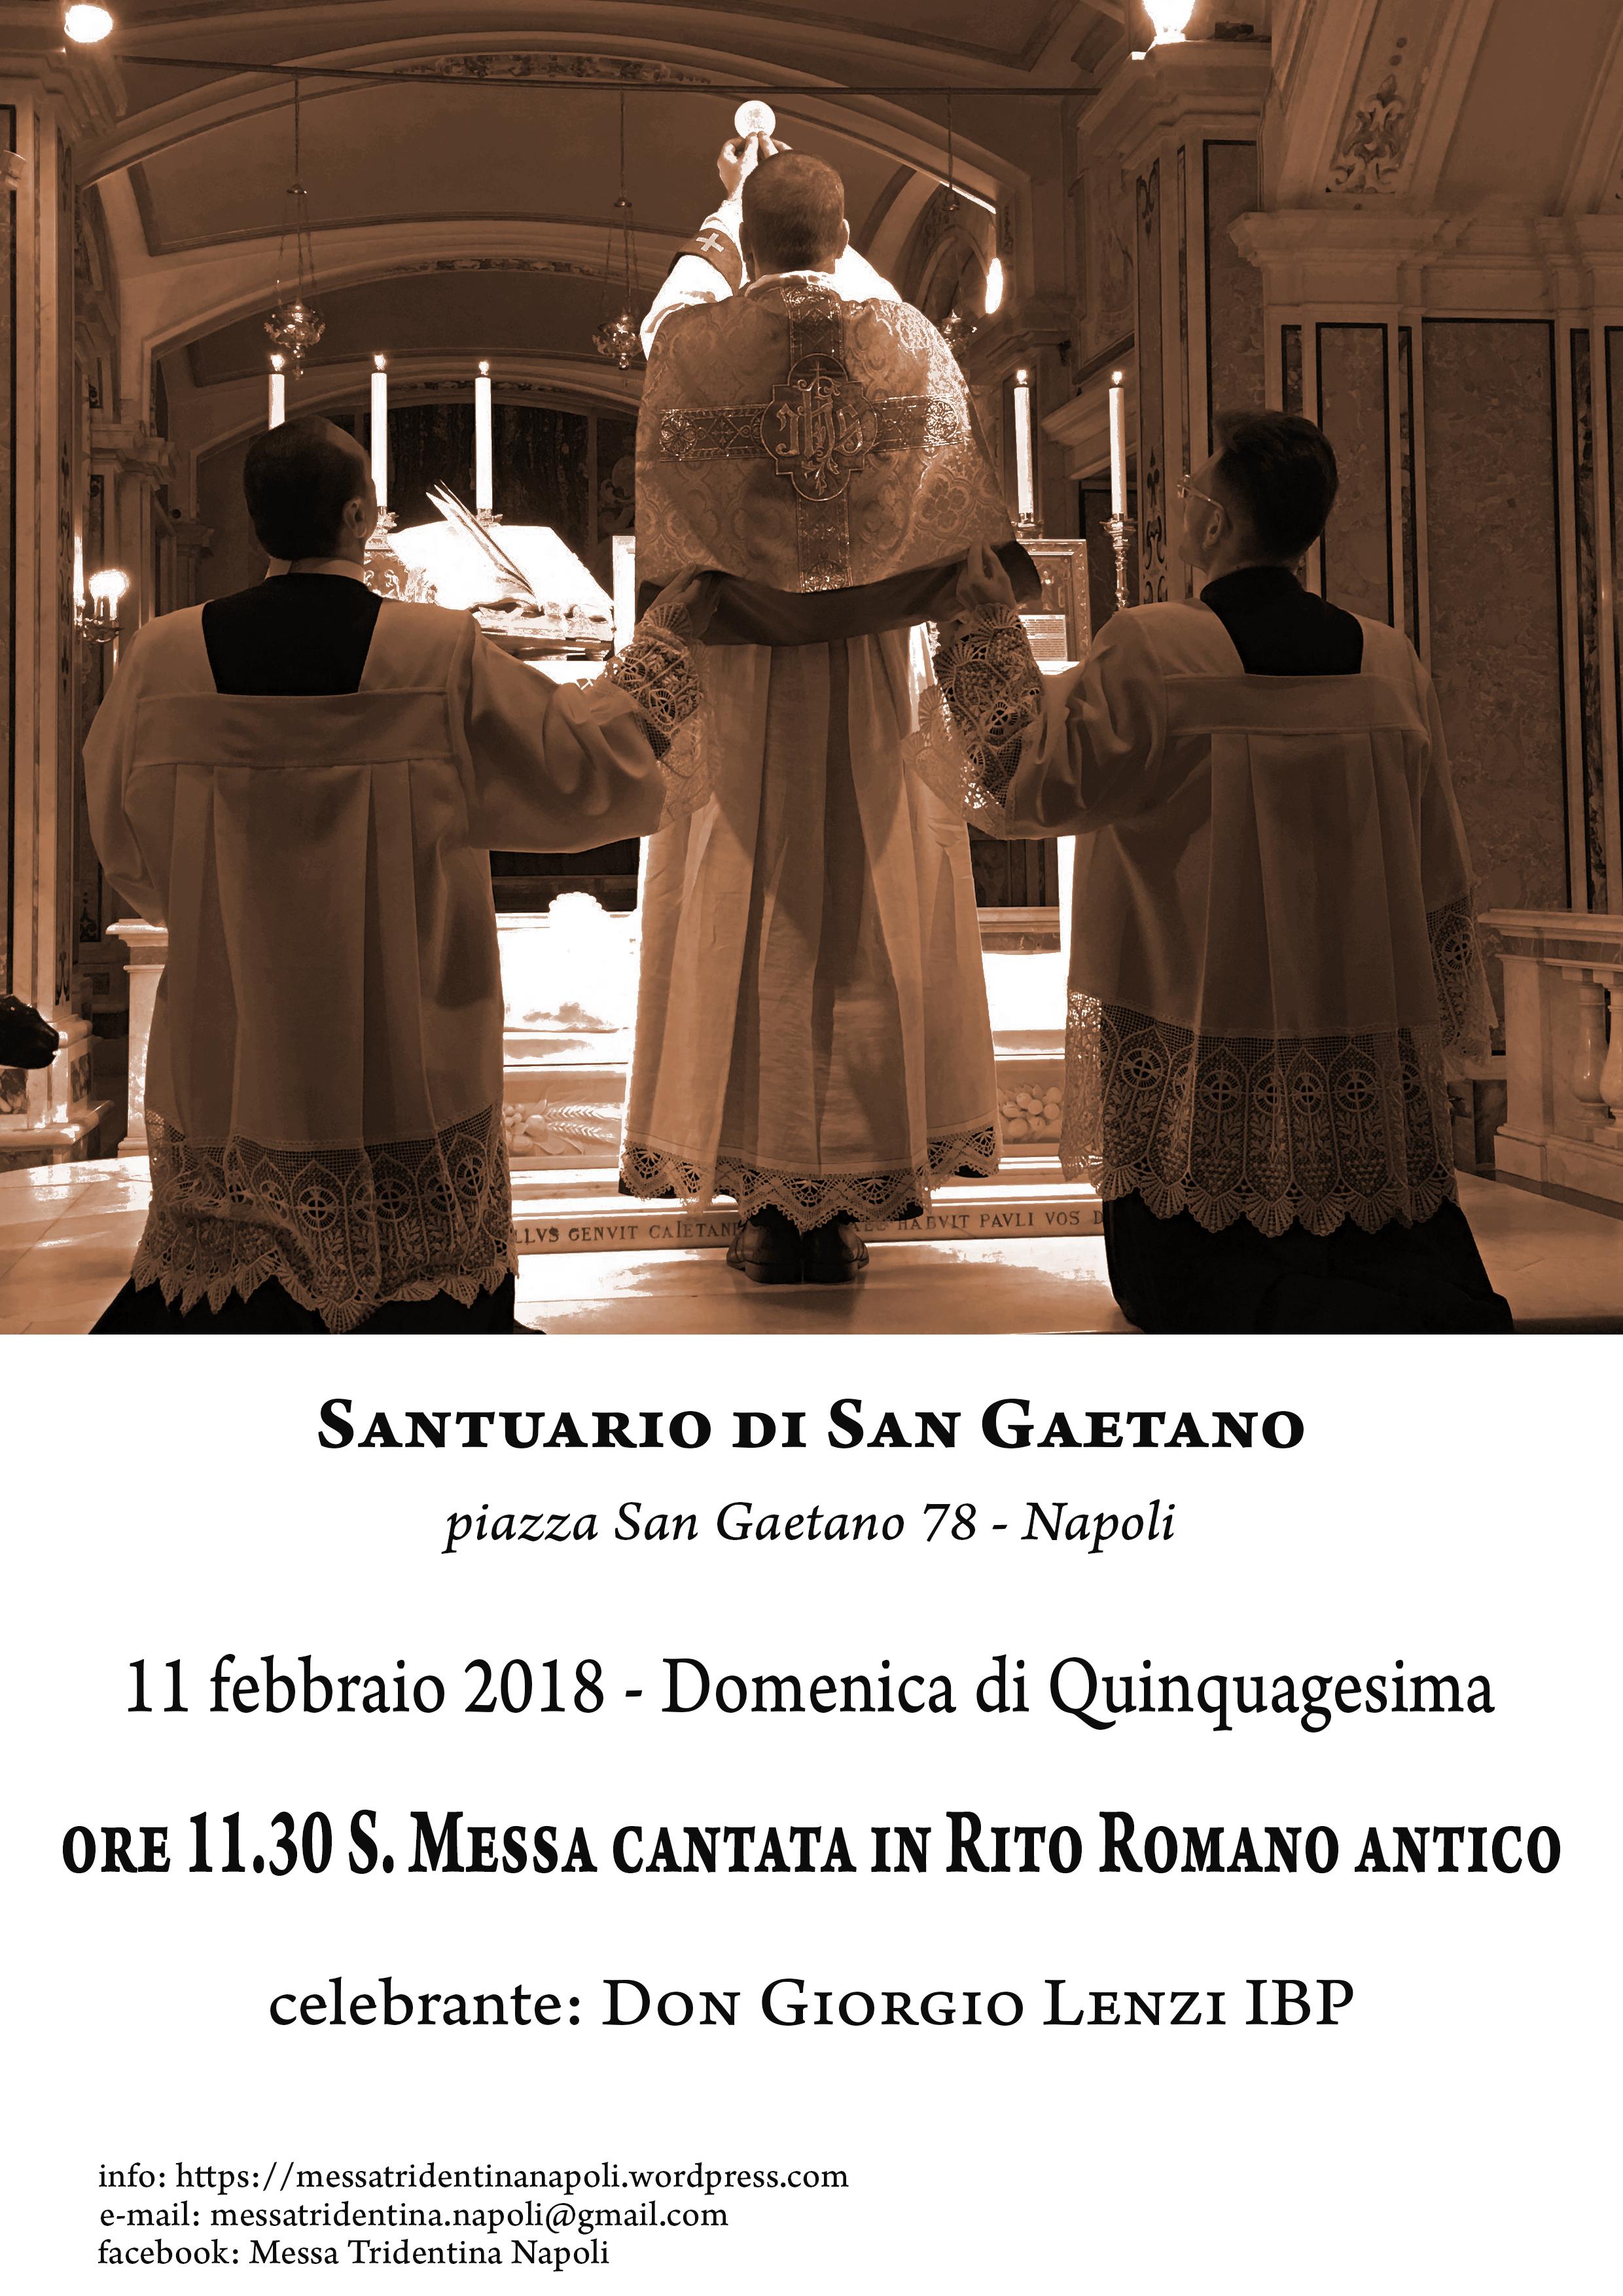 Rito Matrimonio Romano Antico : Napoli febbraio domenica di quinquagesima s